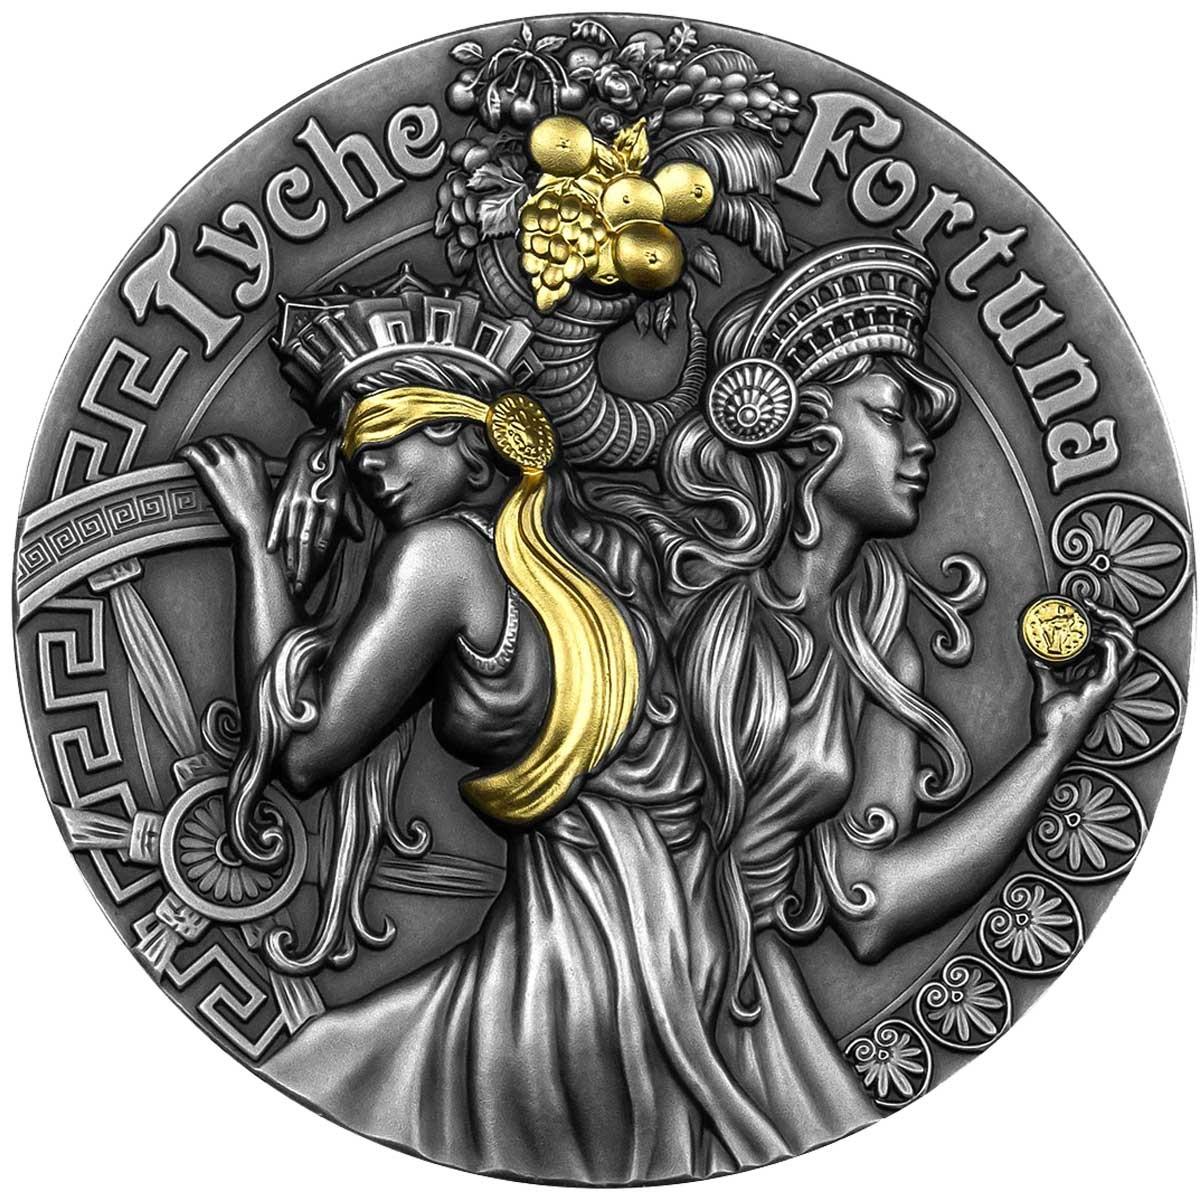 Ниуэ монета 5 долларов Фортуна и Тюхе, реверс